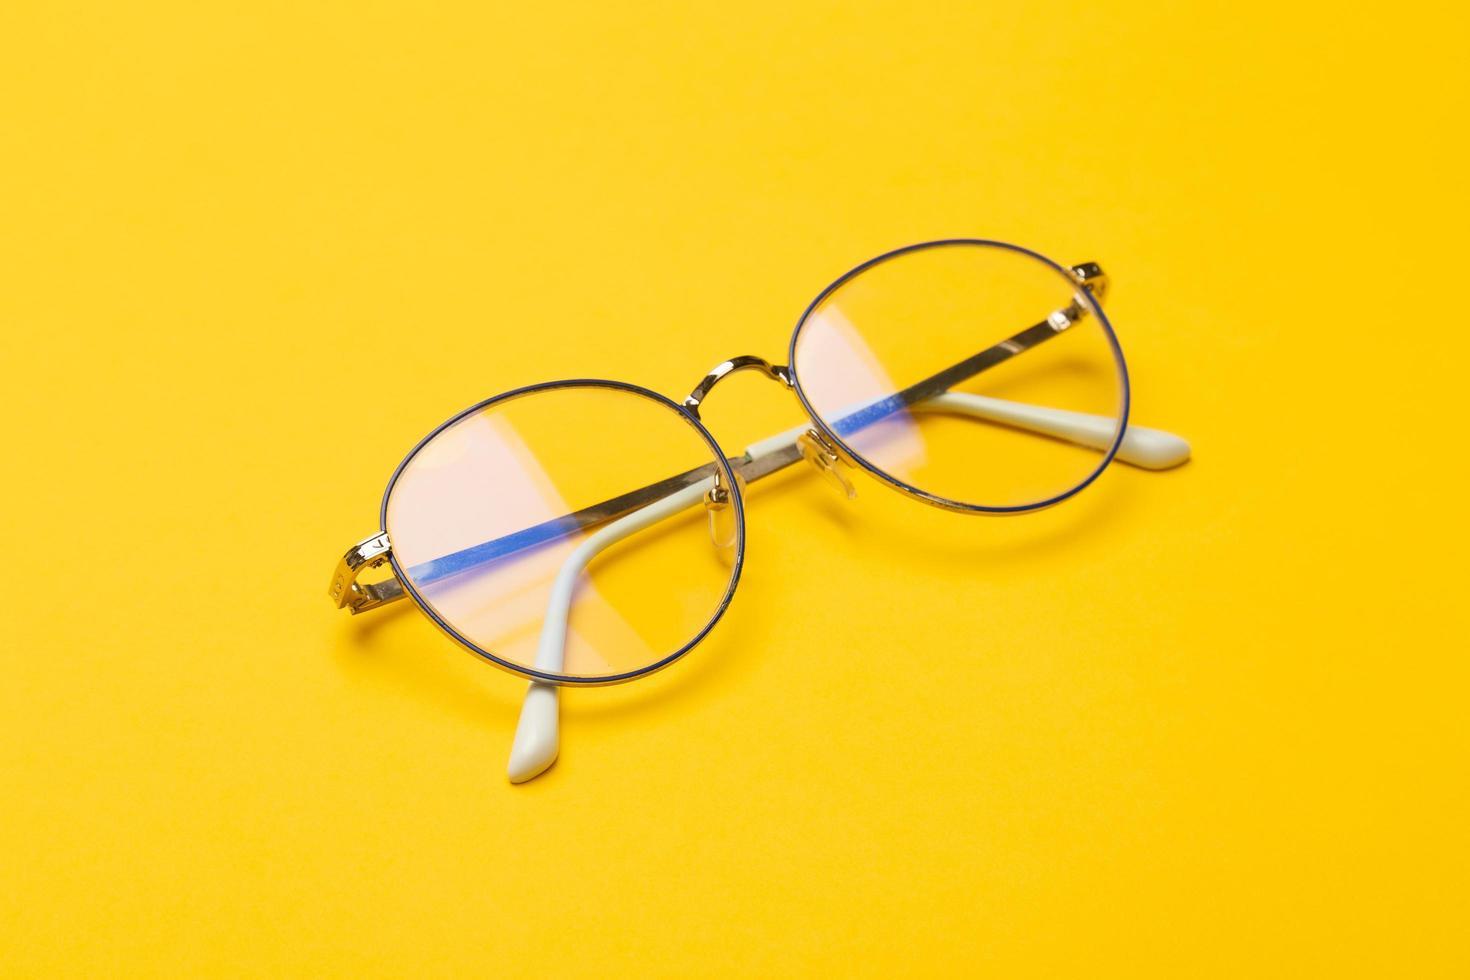 bril op gele achtergrond foto